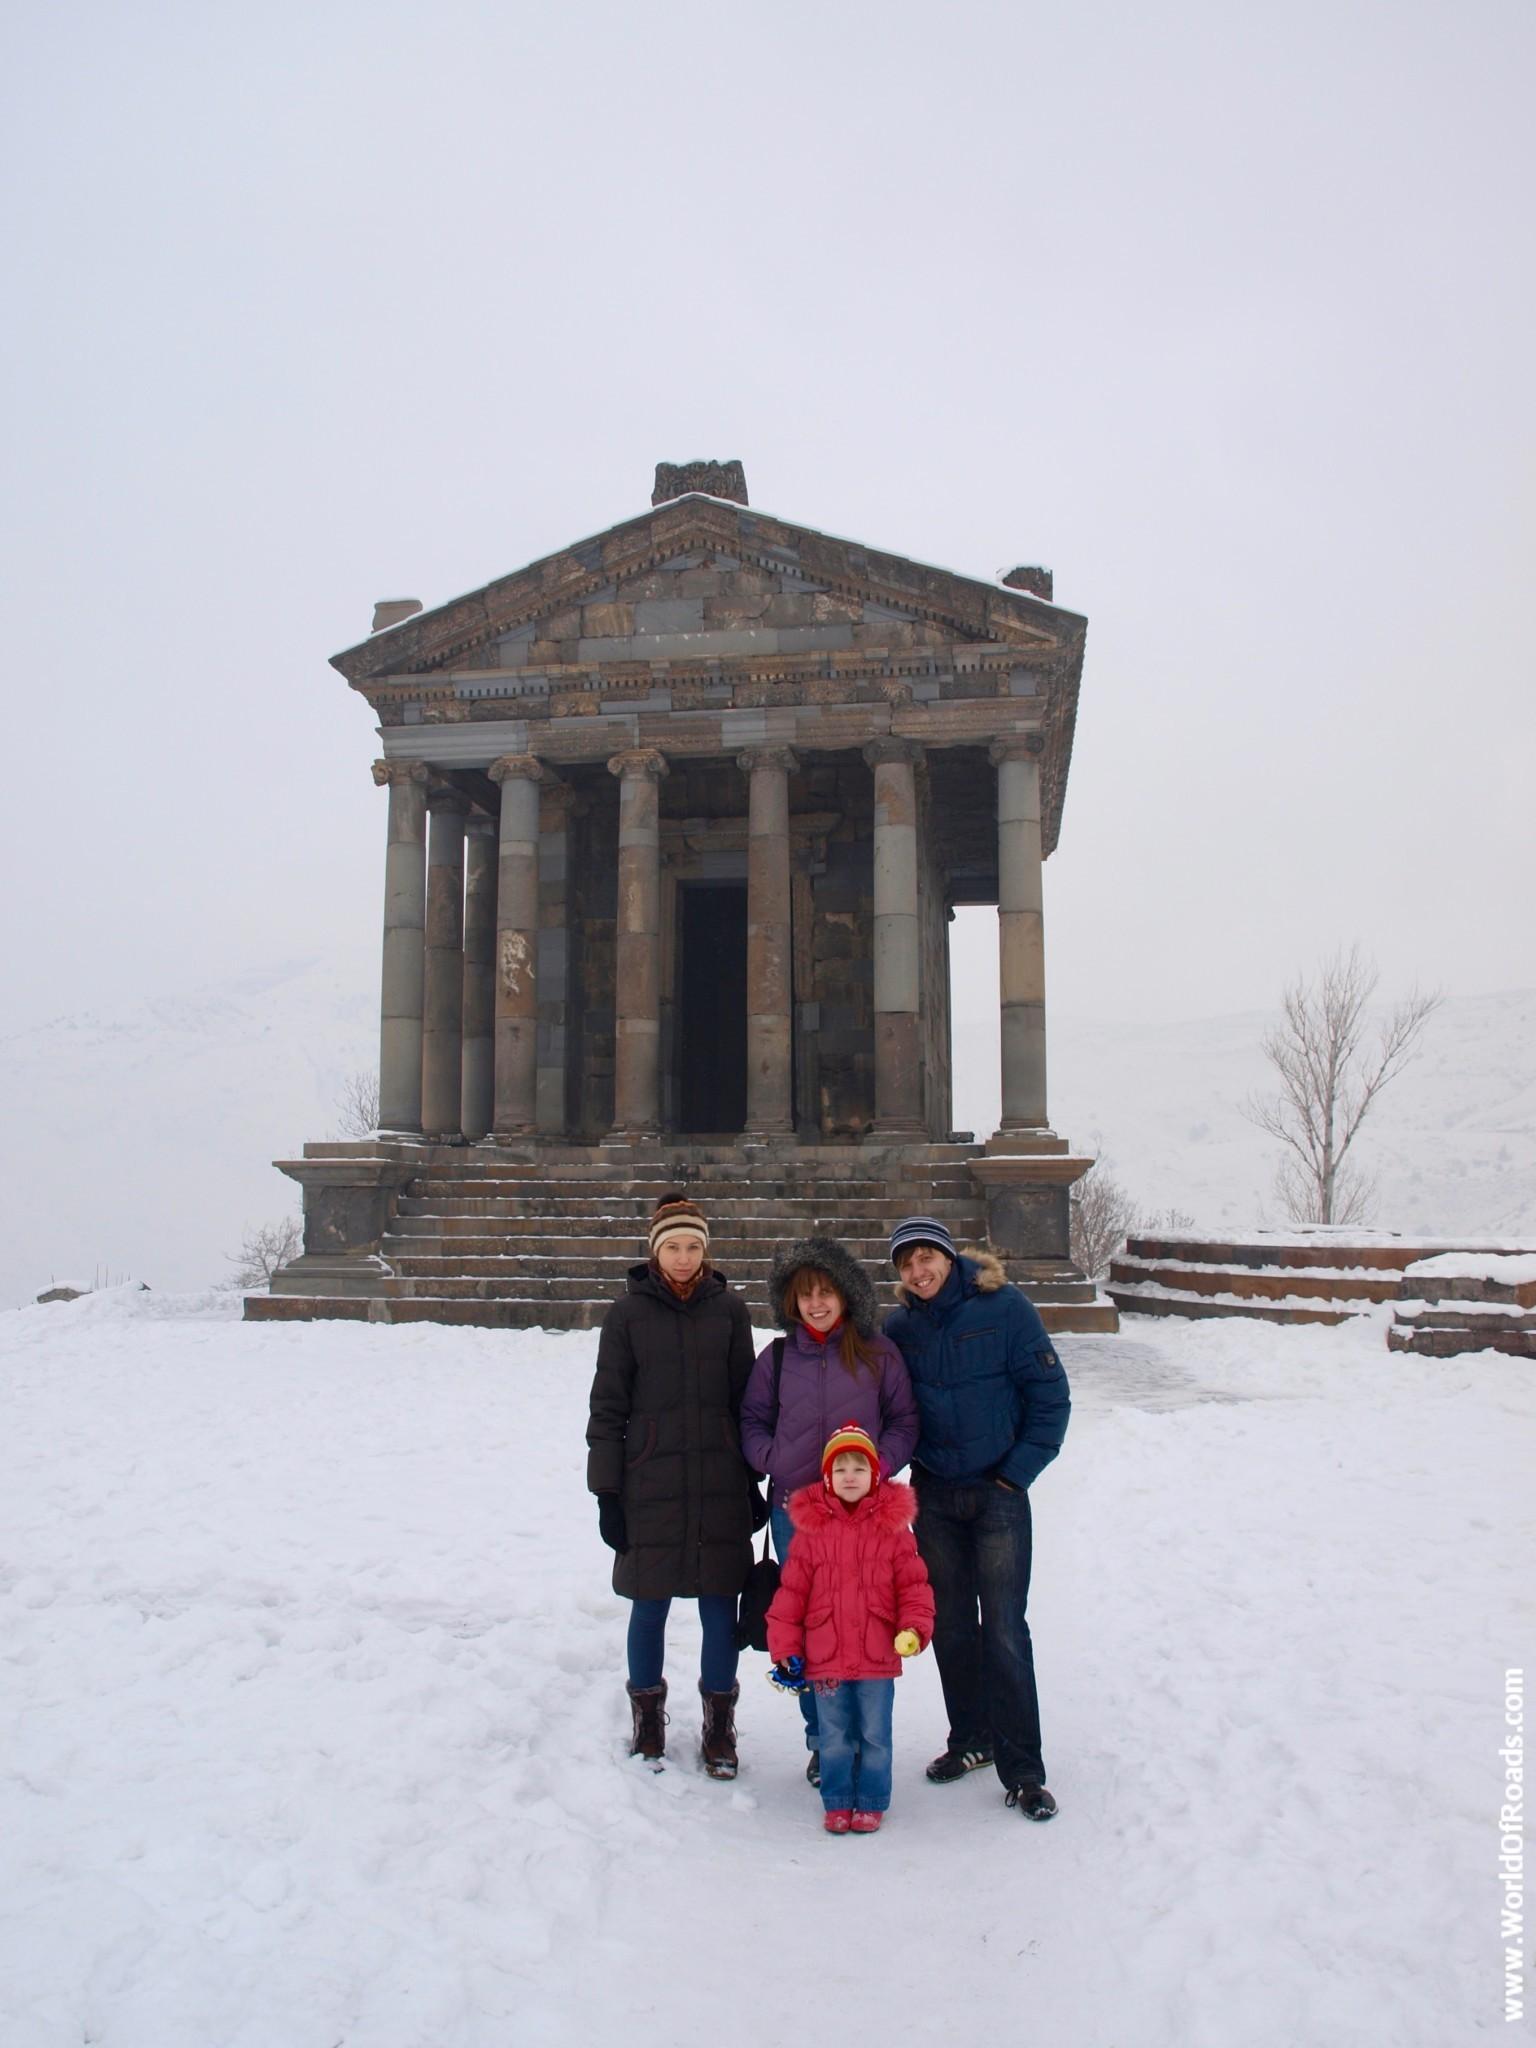 Храм Гарни. Достопримечательность ЮНЕСКО. Армения